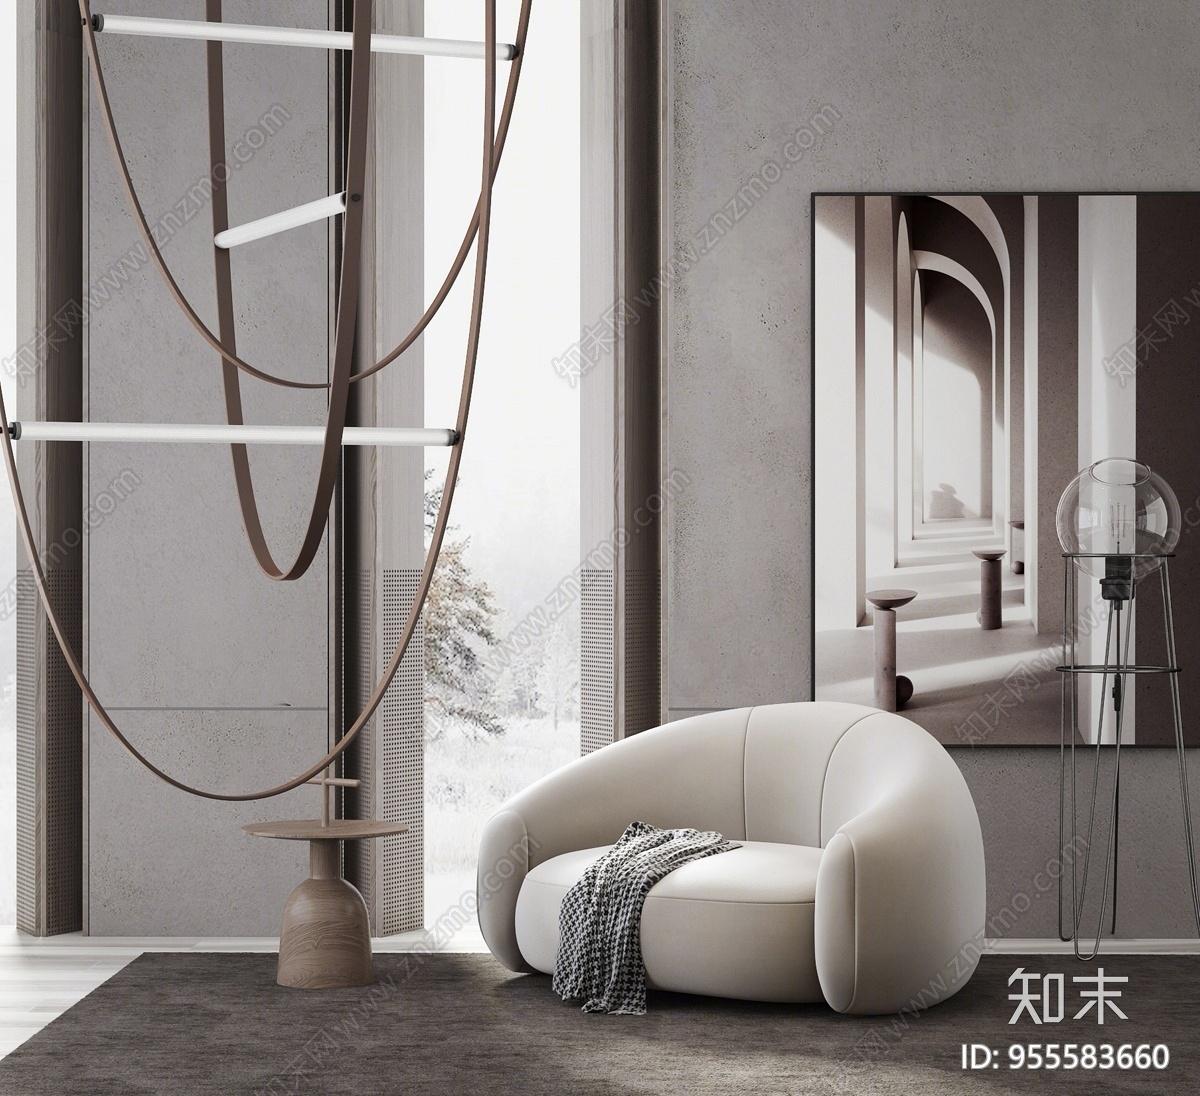 现代单人沙发椅3D模型下载【ID:955583660】